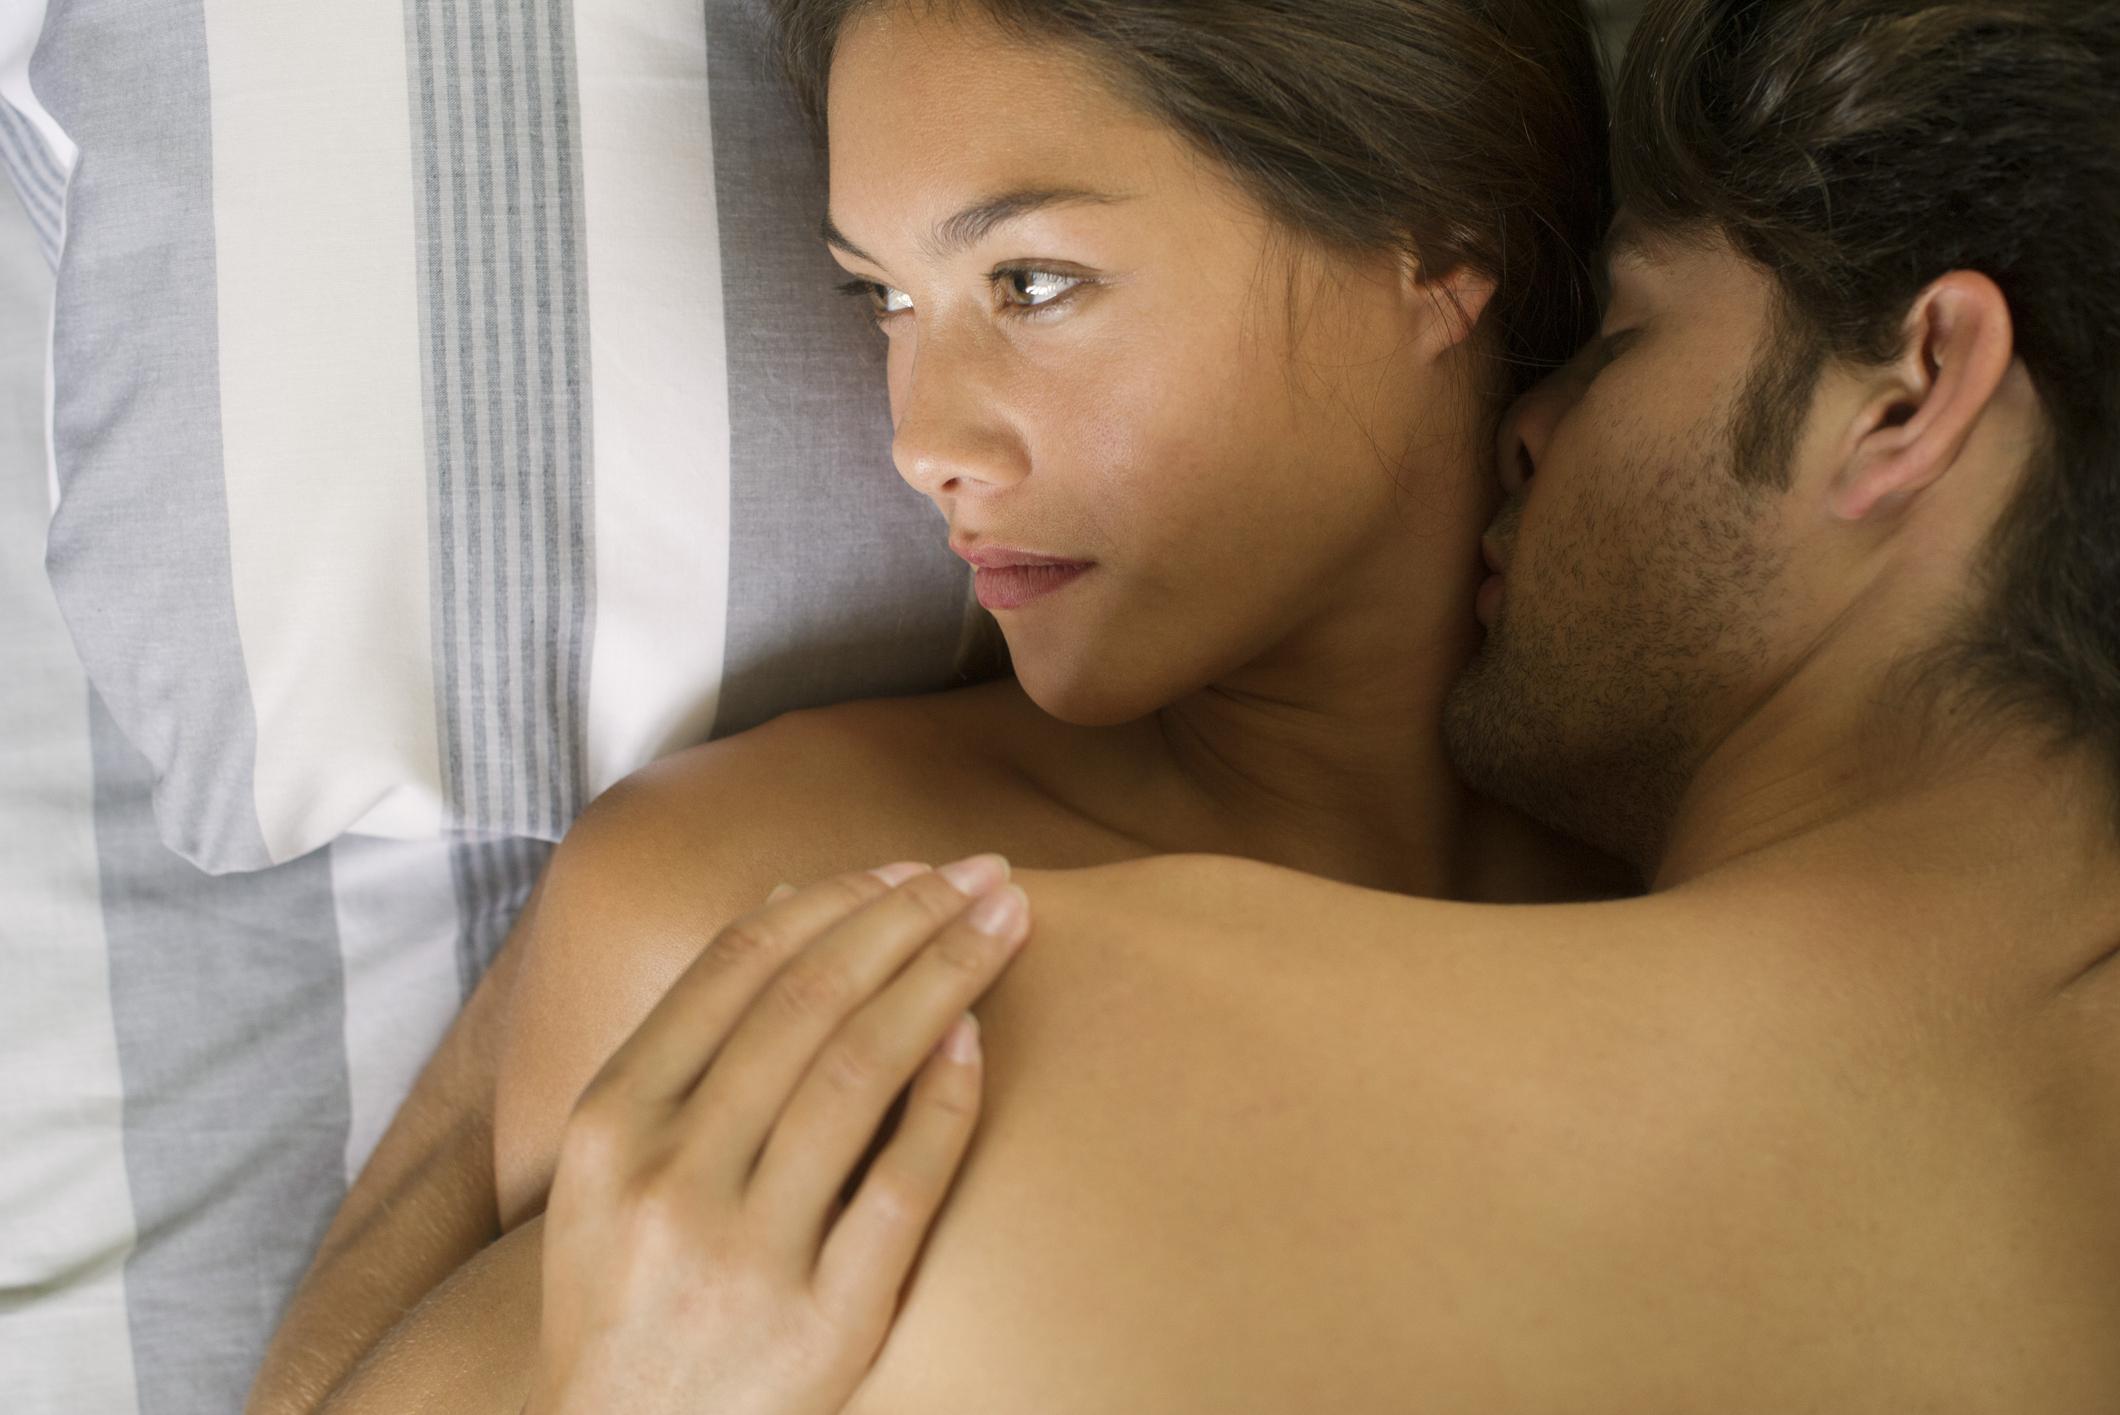 Что вызывает страсть. что такое страсть между мужчиной и женщиной: признаки чувств, отличие от любви